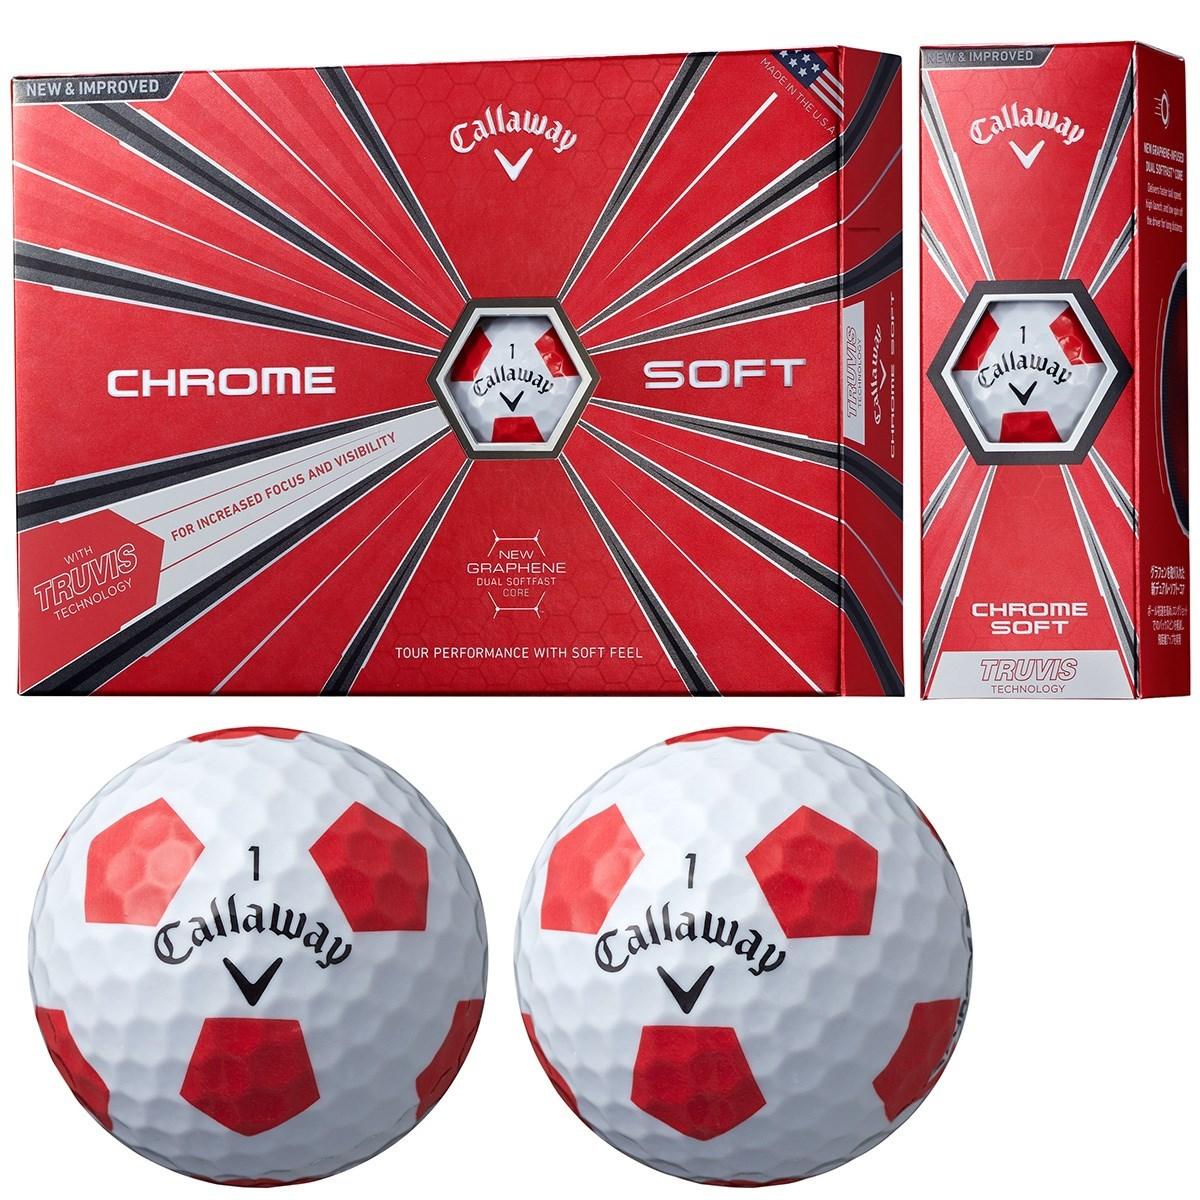 キャロウェイゴルフ(Callaway Golf) CHROME SOFT TRUVIS ボール